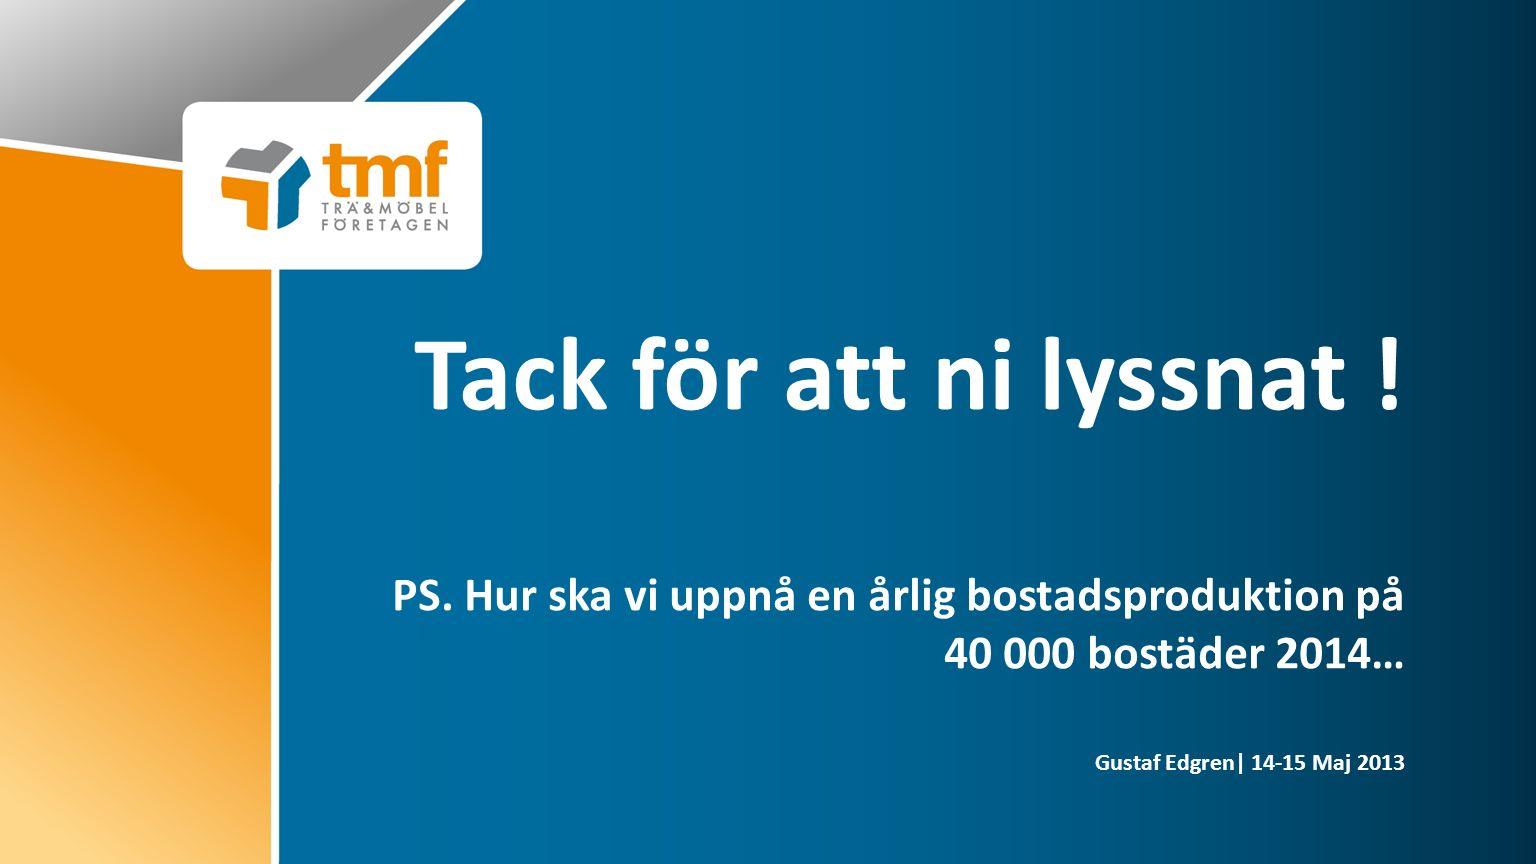 Gustaf Edgren| 14-15 Maj 2013 Tack för att ni lyssnat ! PS. Hur ska vi uppnå en årlig bostadsproduktion på 40 000 bostäder 2014…